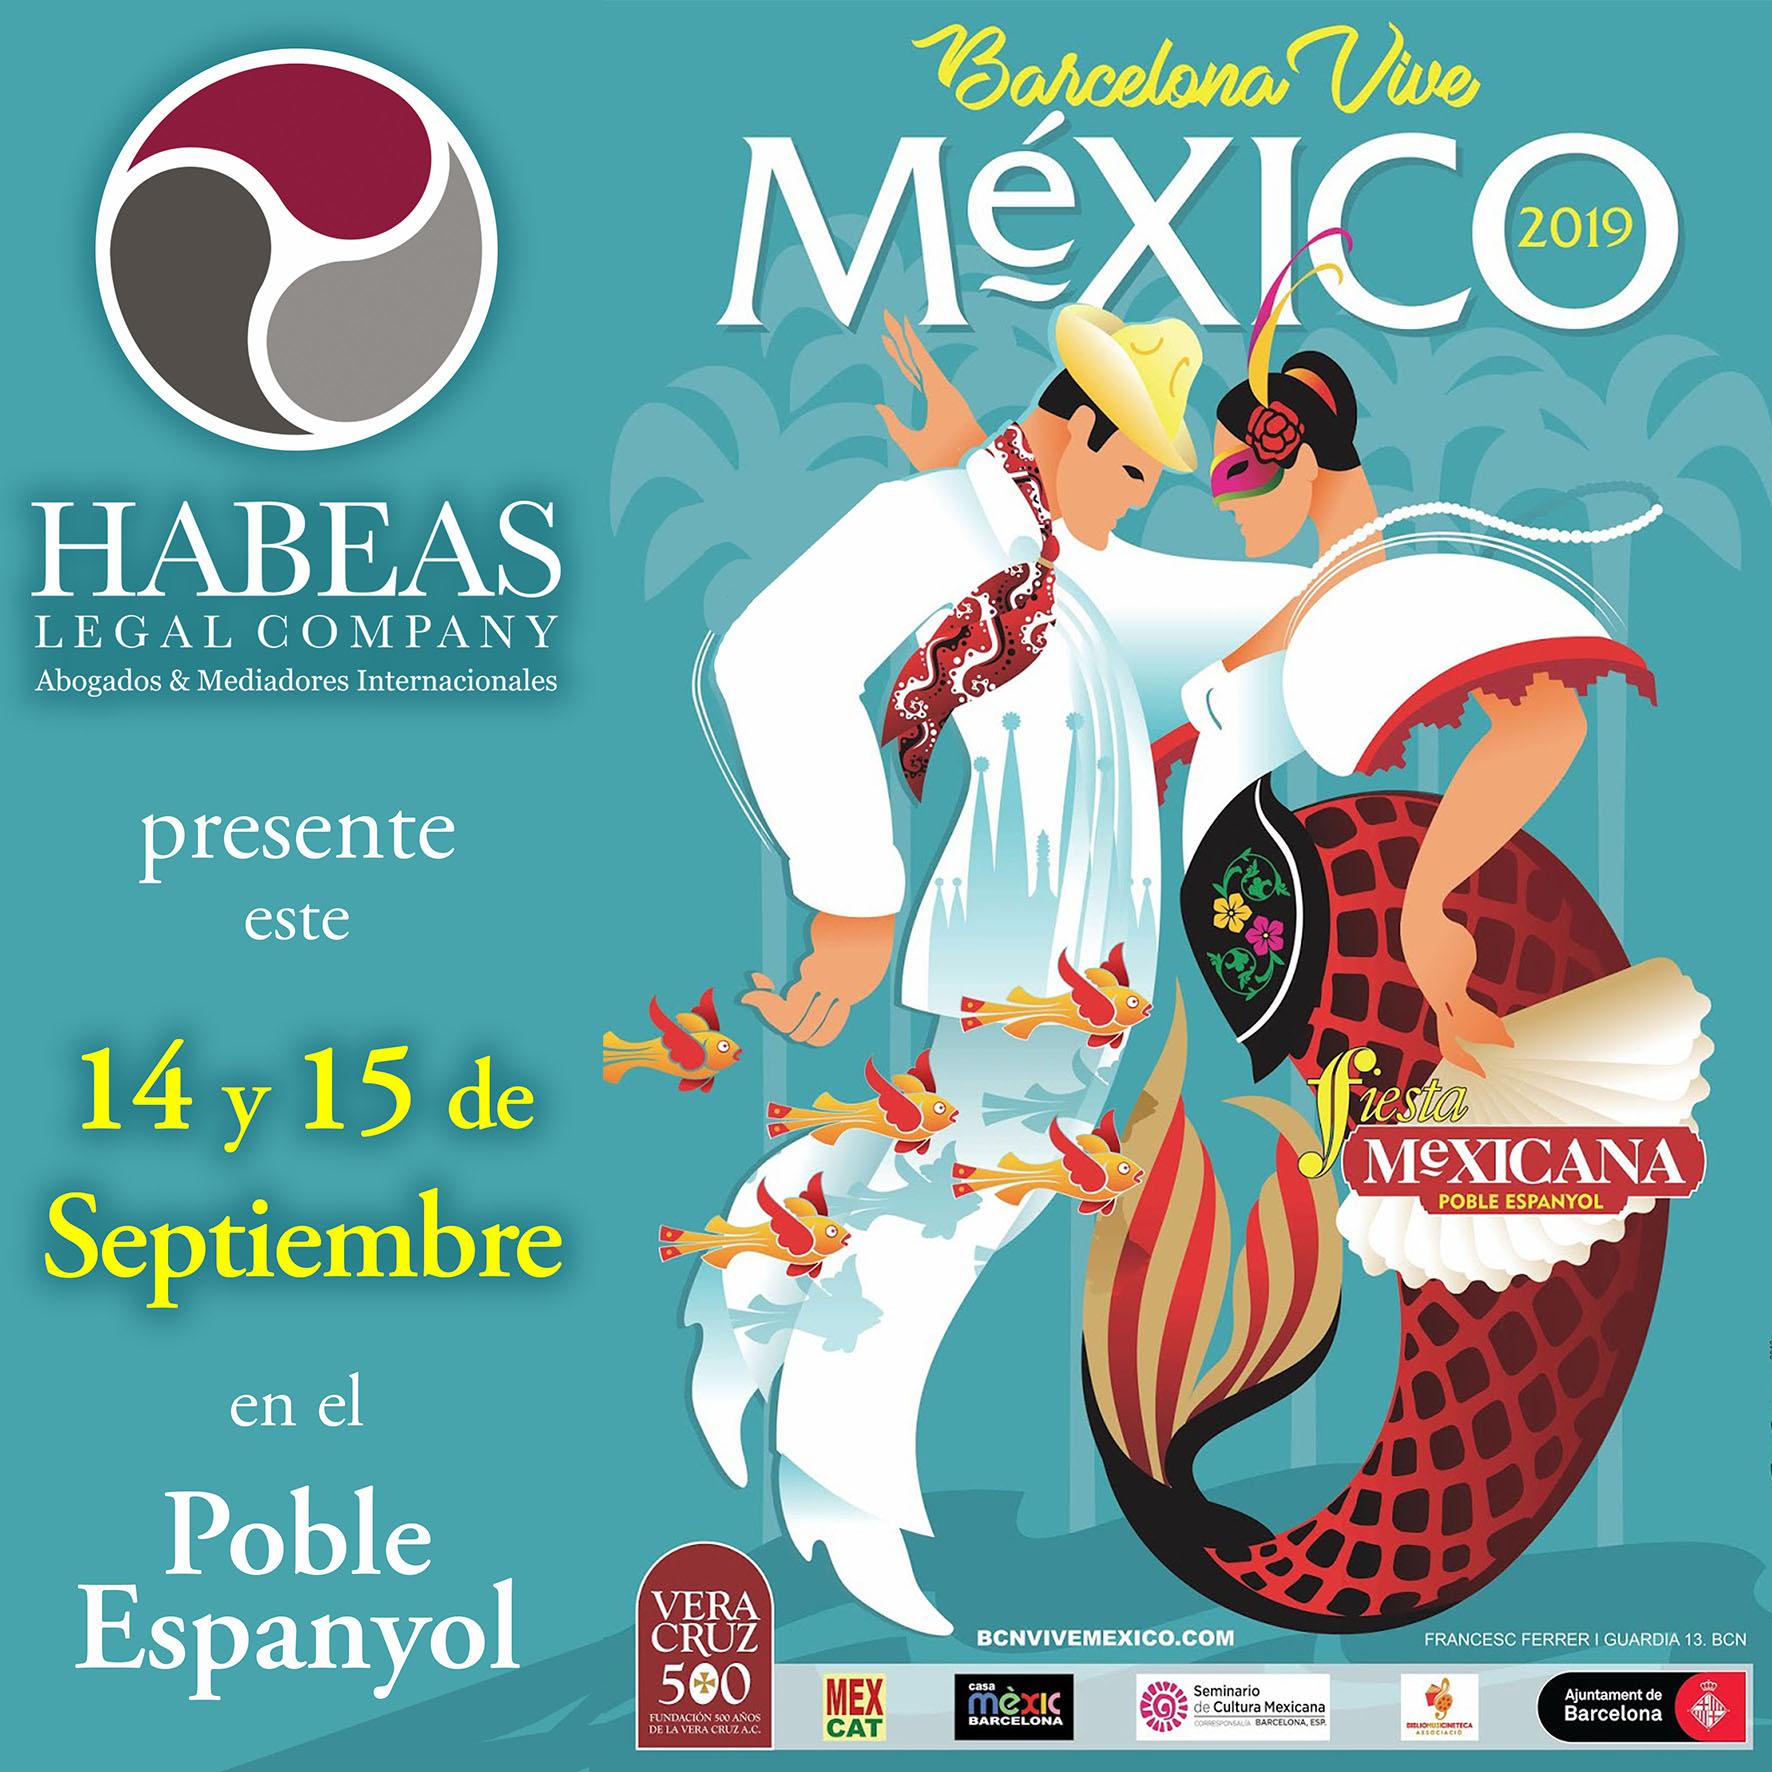 """Feria Vive Mexico 2019 habeas legal calendar - Feria """"Barcelona Vive México"""" con Habeas Legal - Poble Espanyol"""